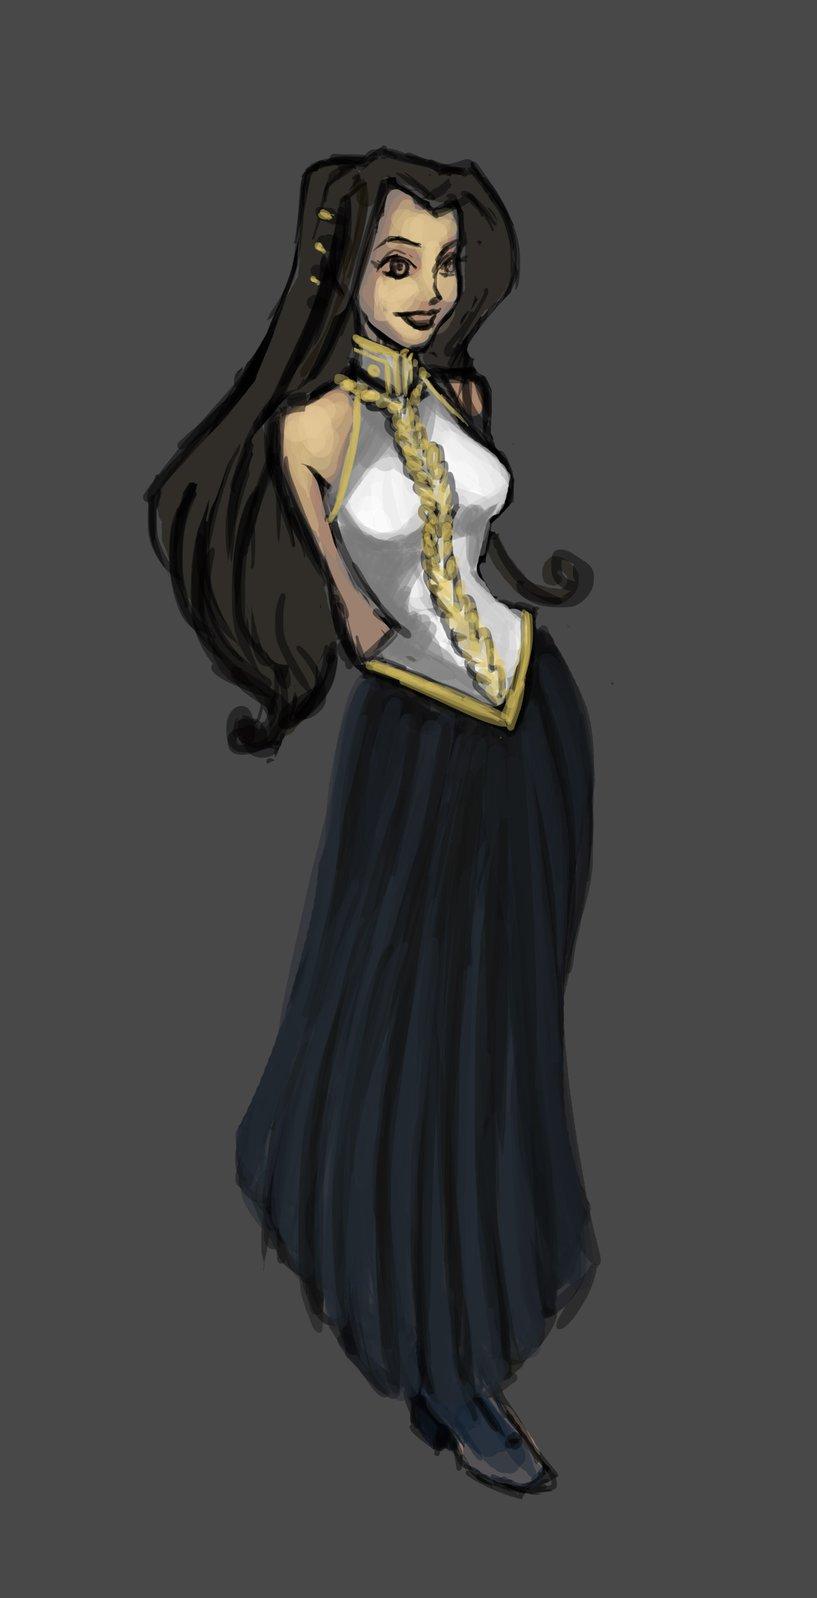 Принцесса_концепт4.jpg